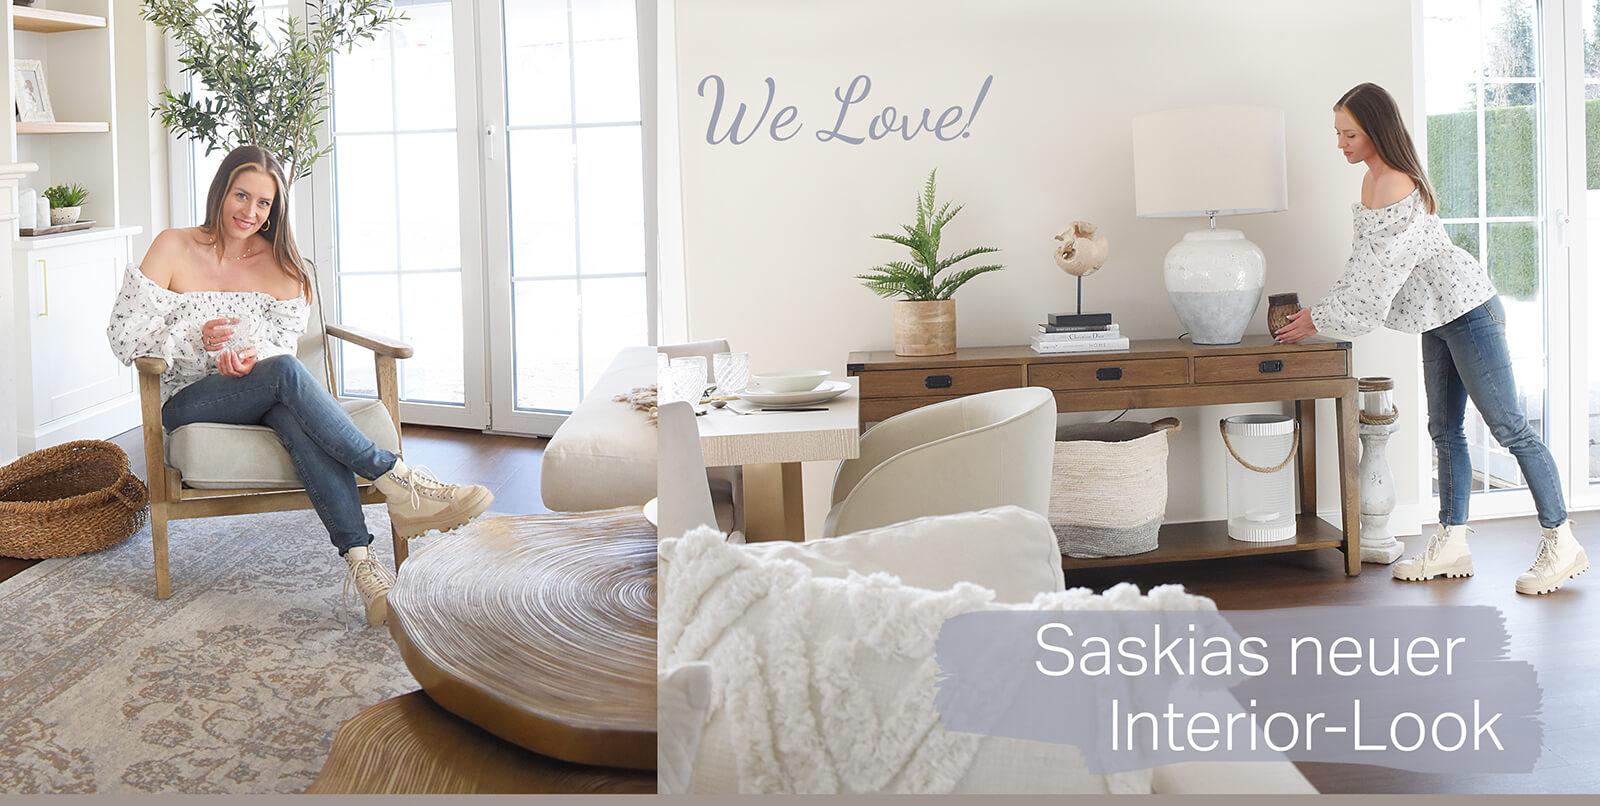 Saskiasfamilyblog's Traumhaus Dekostücke